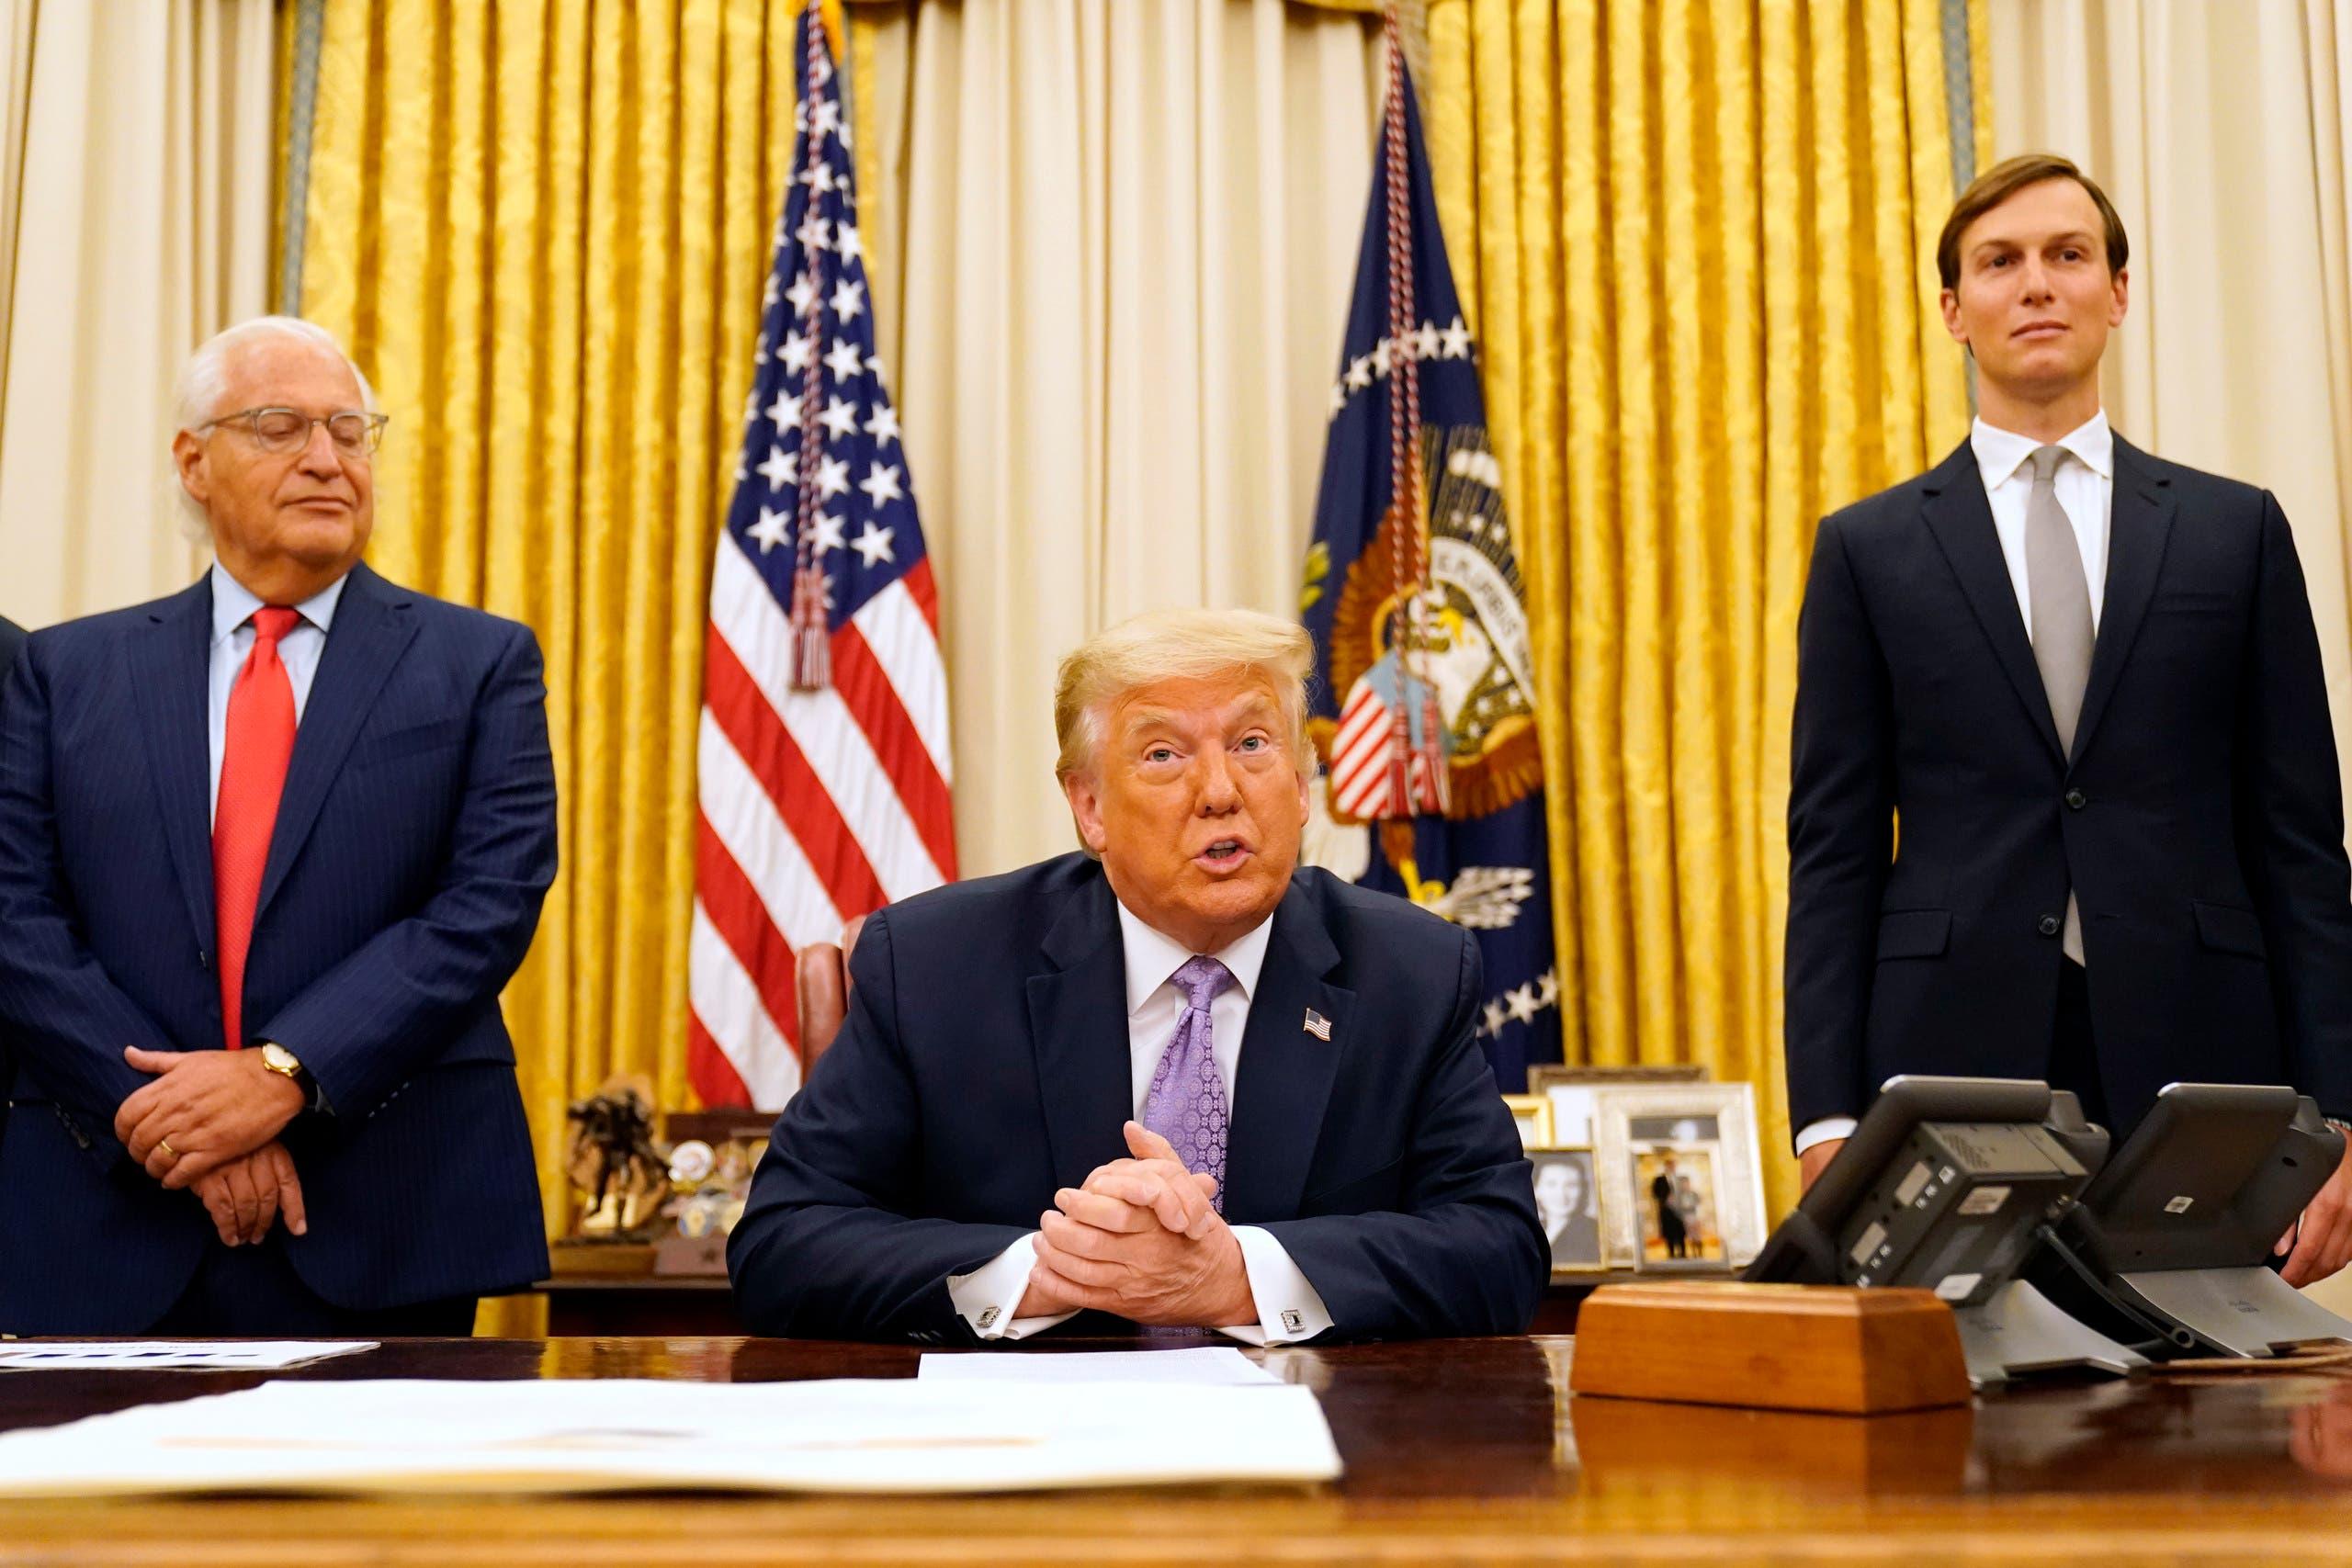 White House Senior Adviser Jared Kushner, right, as US President Donald Trump speaks in the Oval Office on Aug. 13, 2020, in Washington. (AP)